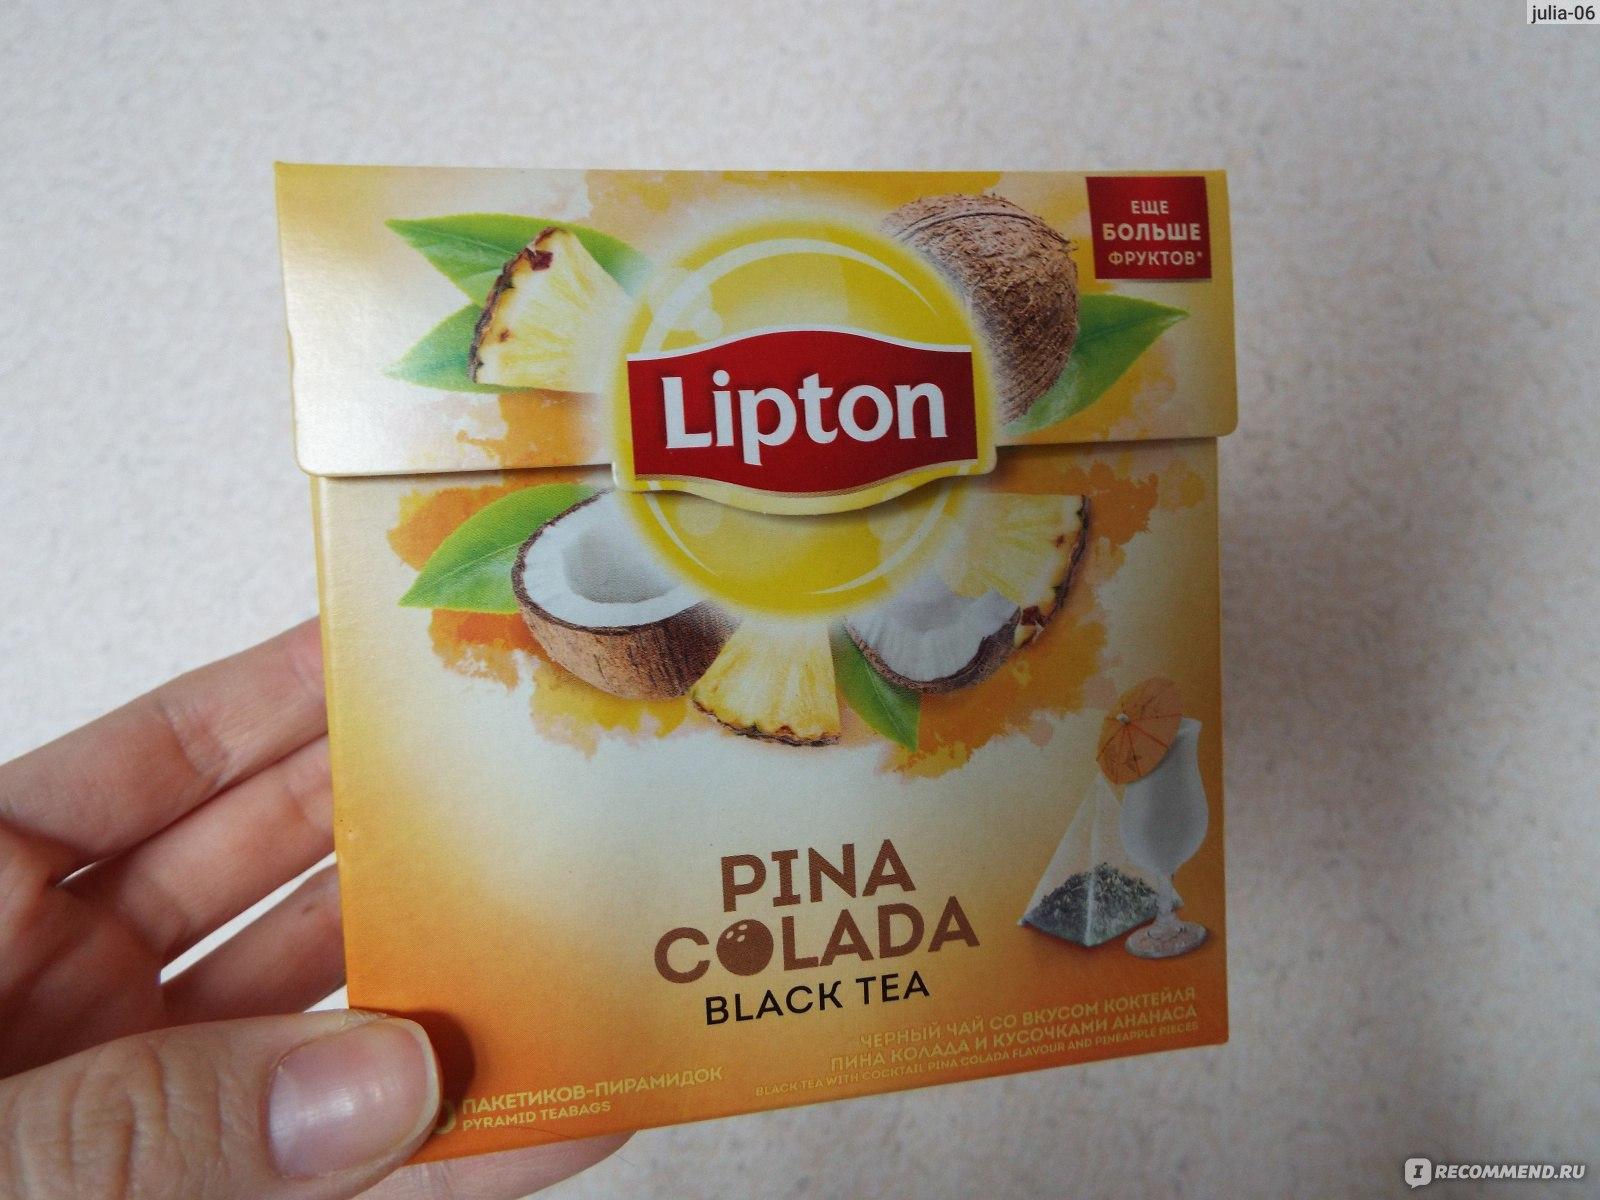 Чай Lipton в Беларуси. Сравнить цены и поставщиков промышленных товаров 39